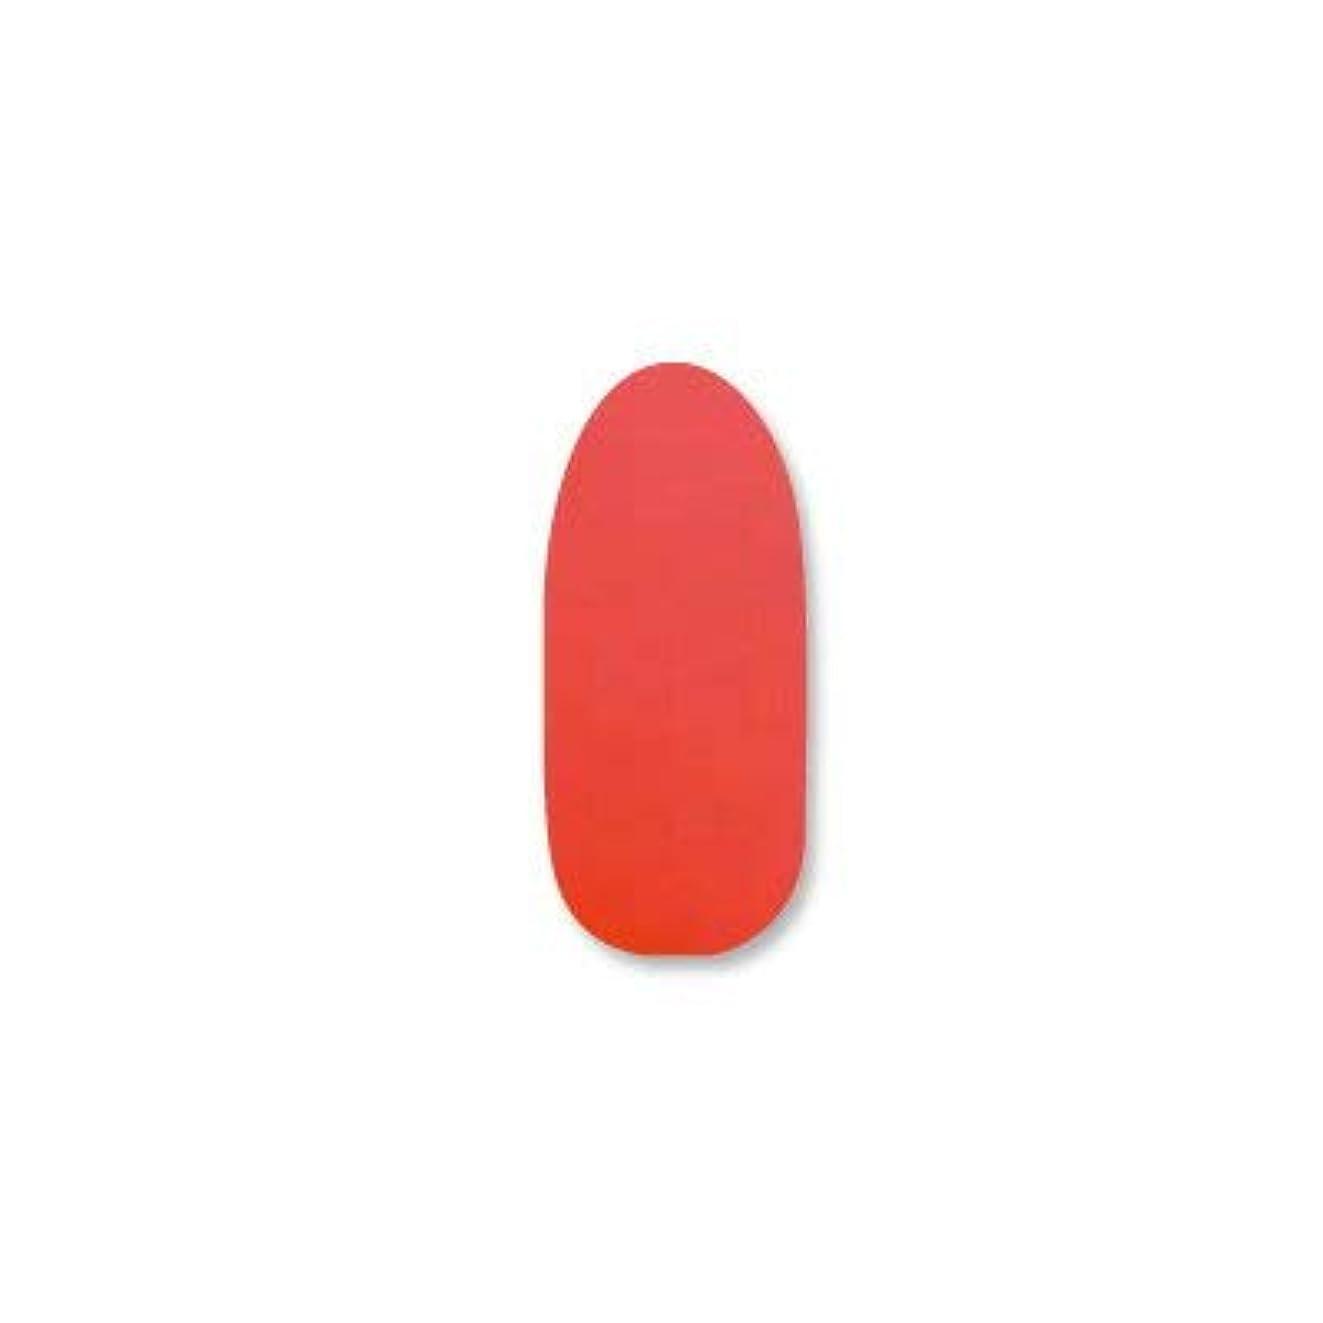 フェンスビヨンぐったりT-GEL COLLECTION カラージェル D046 ルミナスレッド 4ml